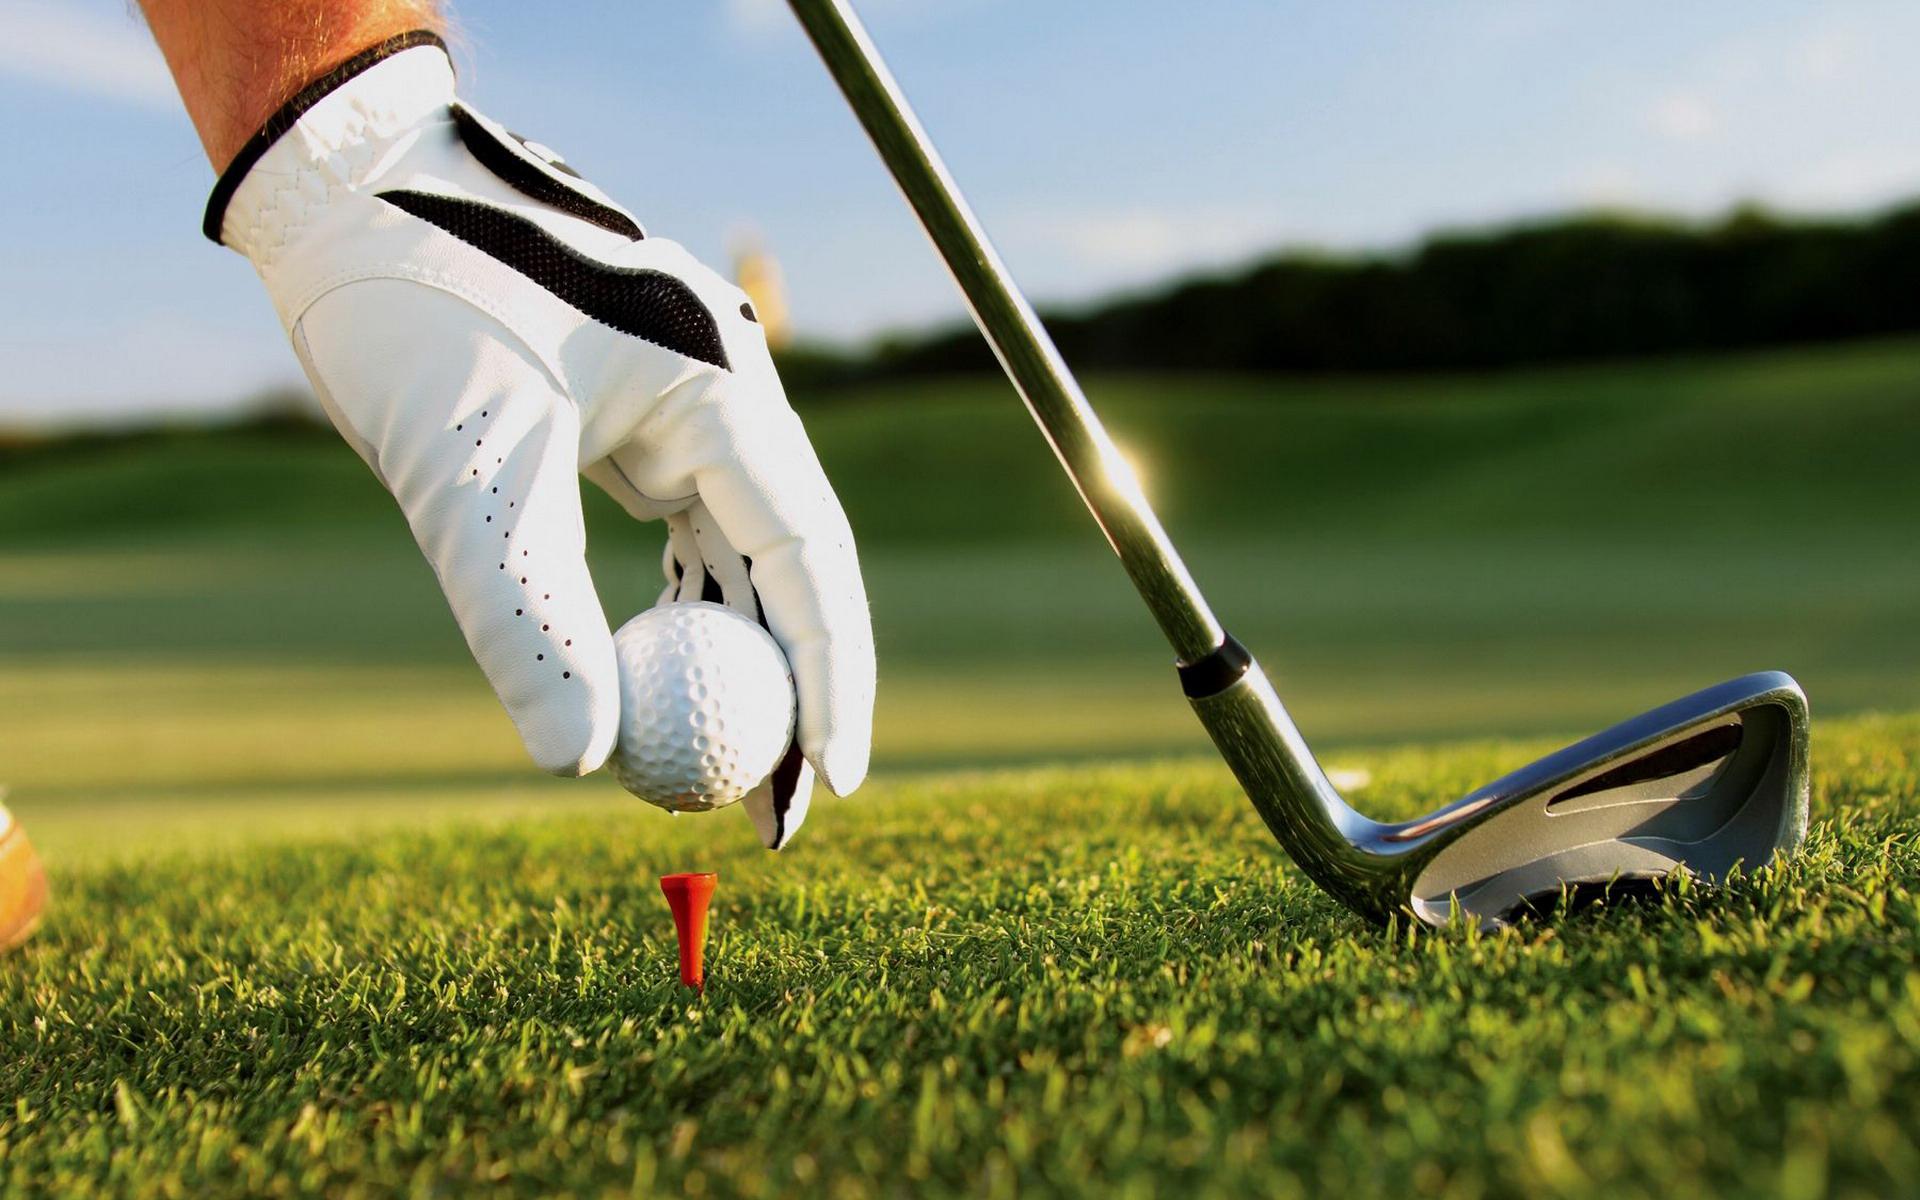 Golf Ball On Grass Macro Wallpaper HD 5774 Wallpaper High 1920x1200